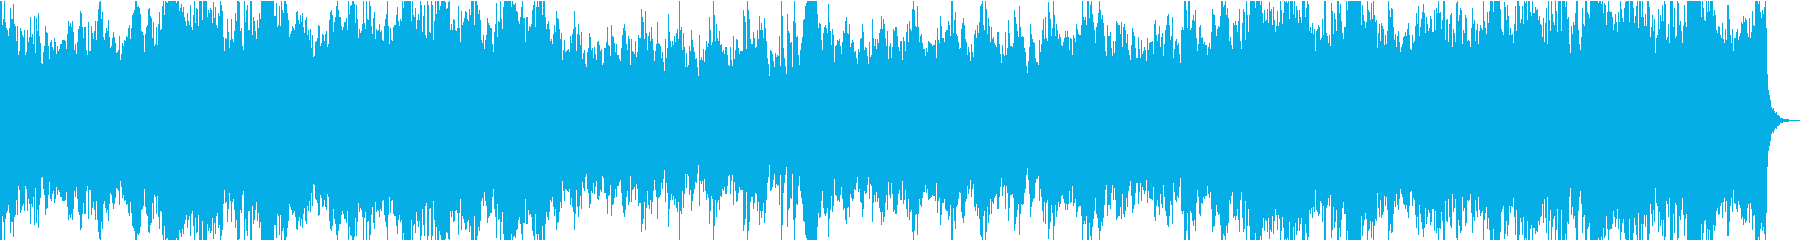 30秒でサビ、電子音さわやか/静かめの再生済みの波形